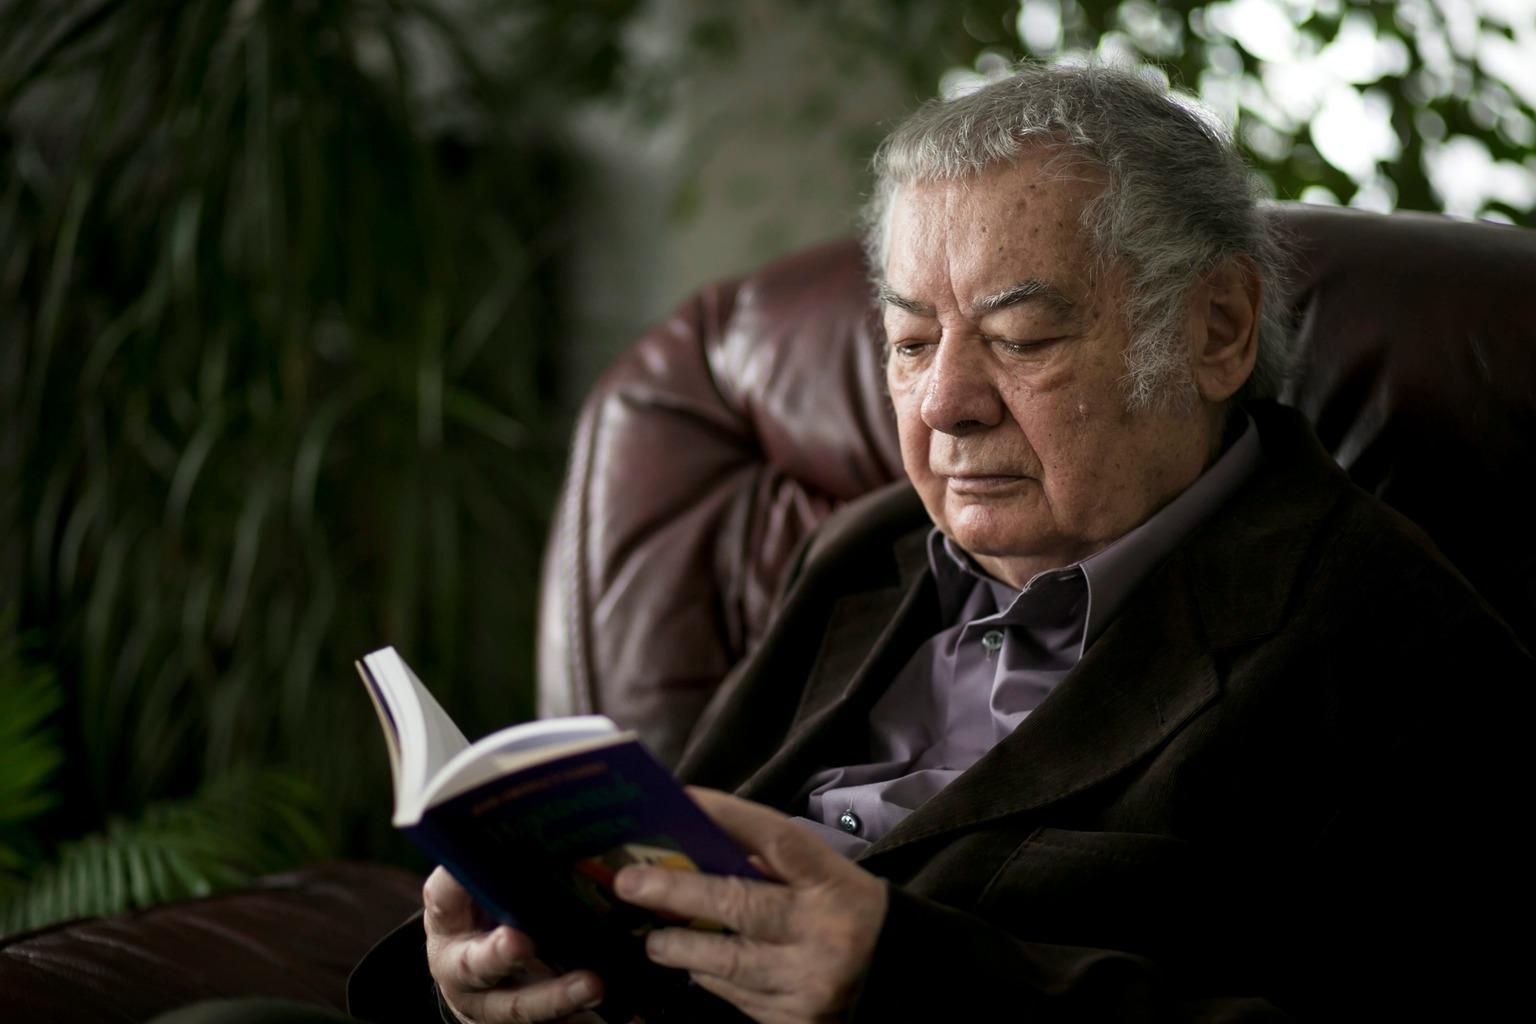 Üröm, 2013. január 29. A 2012-ben Kossuth-nagydíjjal kitüntetett Csoóri Sándor író ürömi otthonában 2013. január 29-én. MTI Fotó: Mohai Balázs